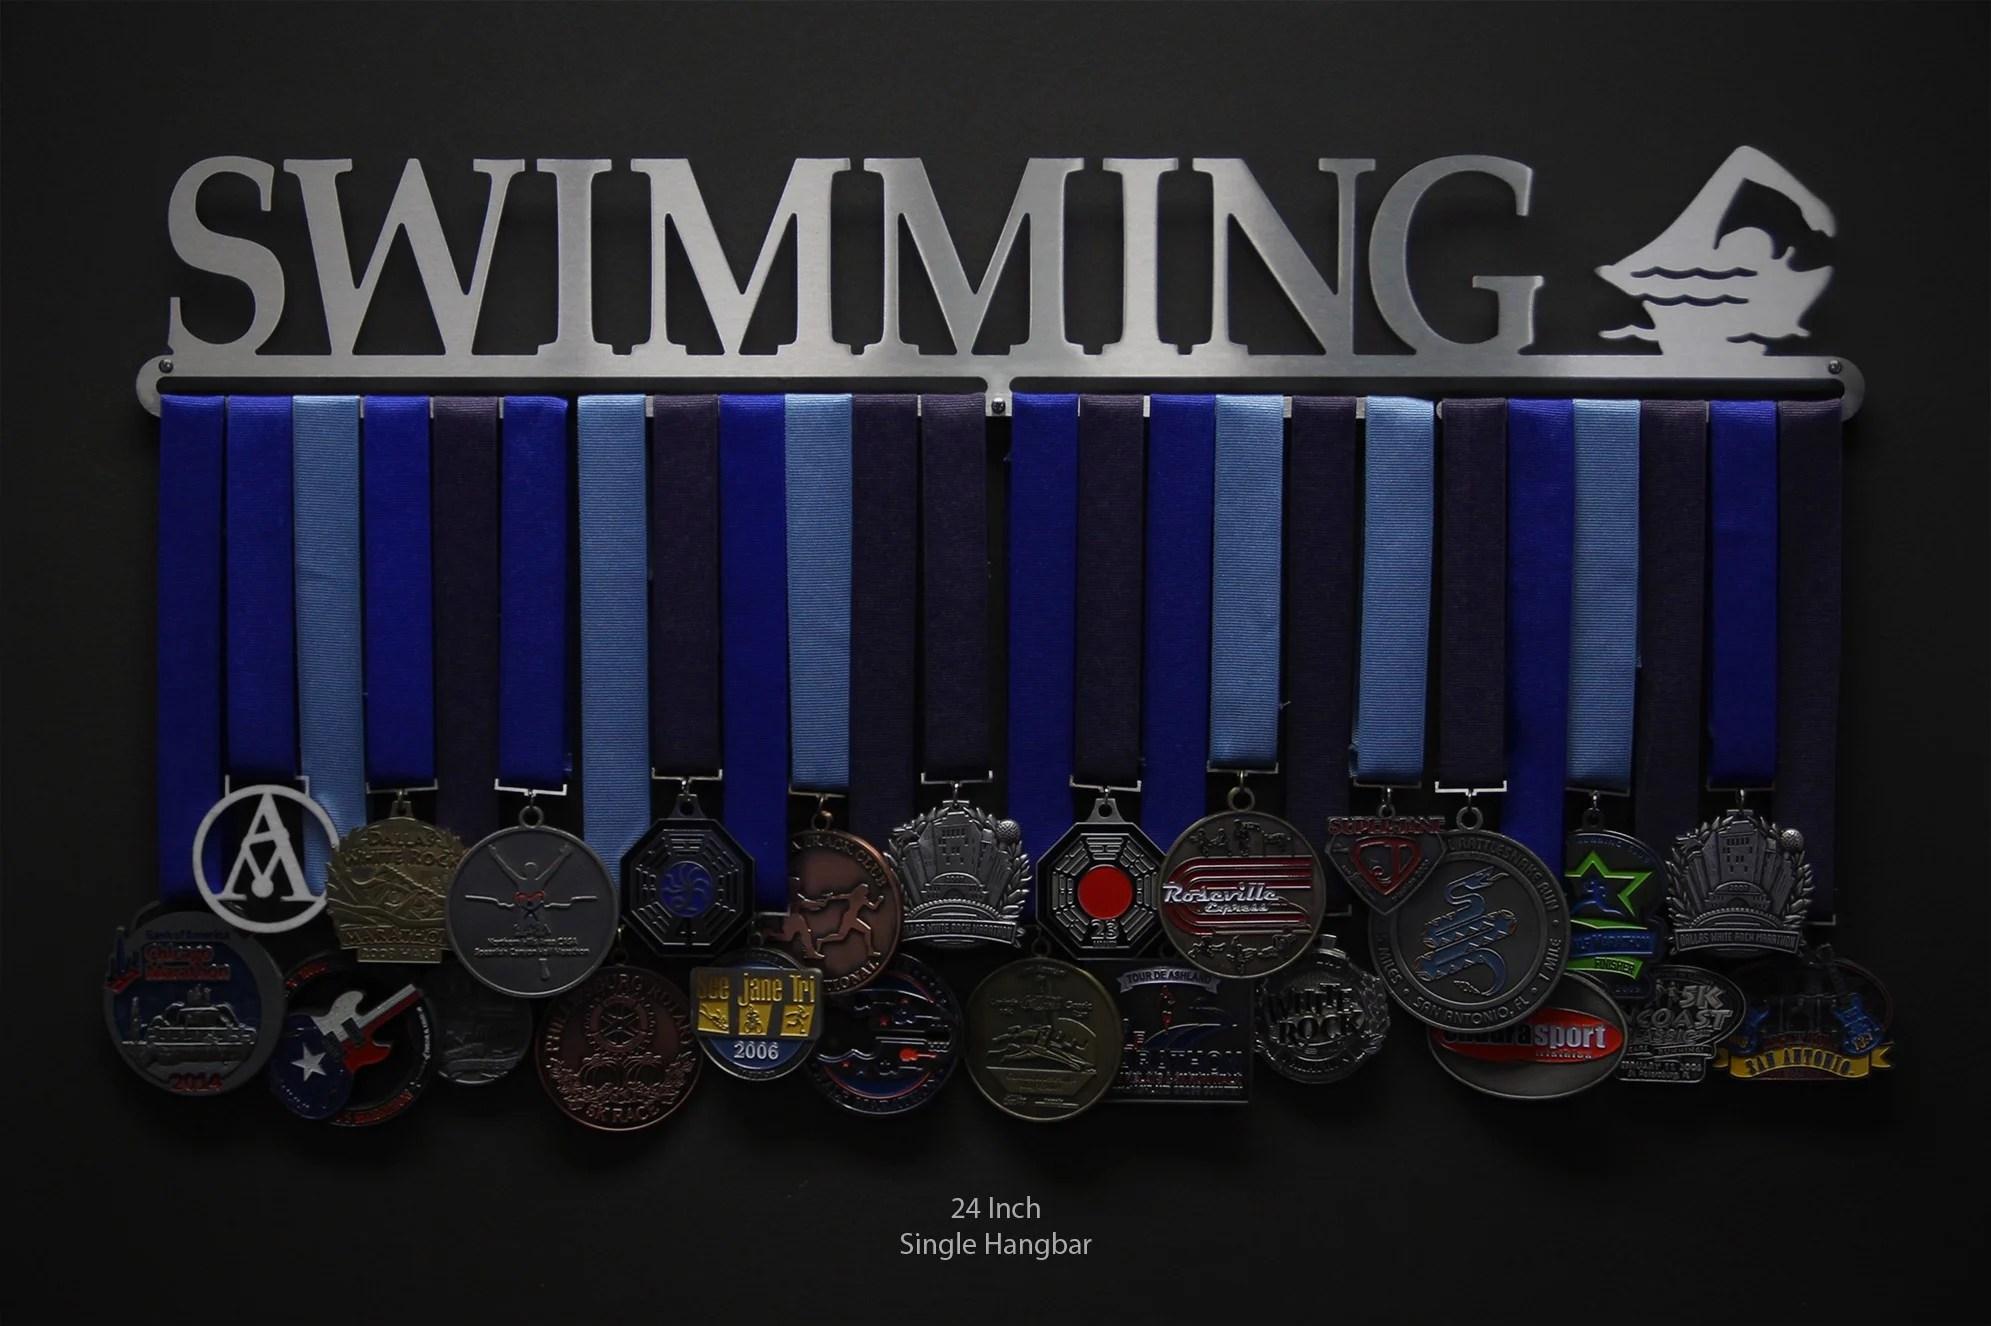 Swimming Sport Amp Running Medal Displays The Original